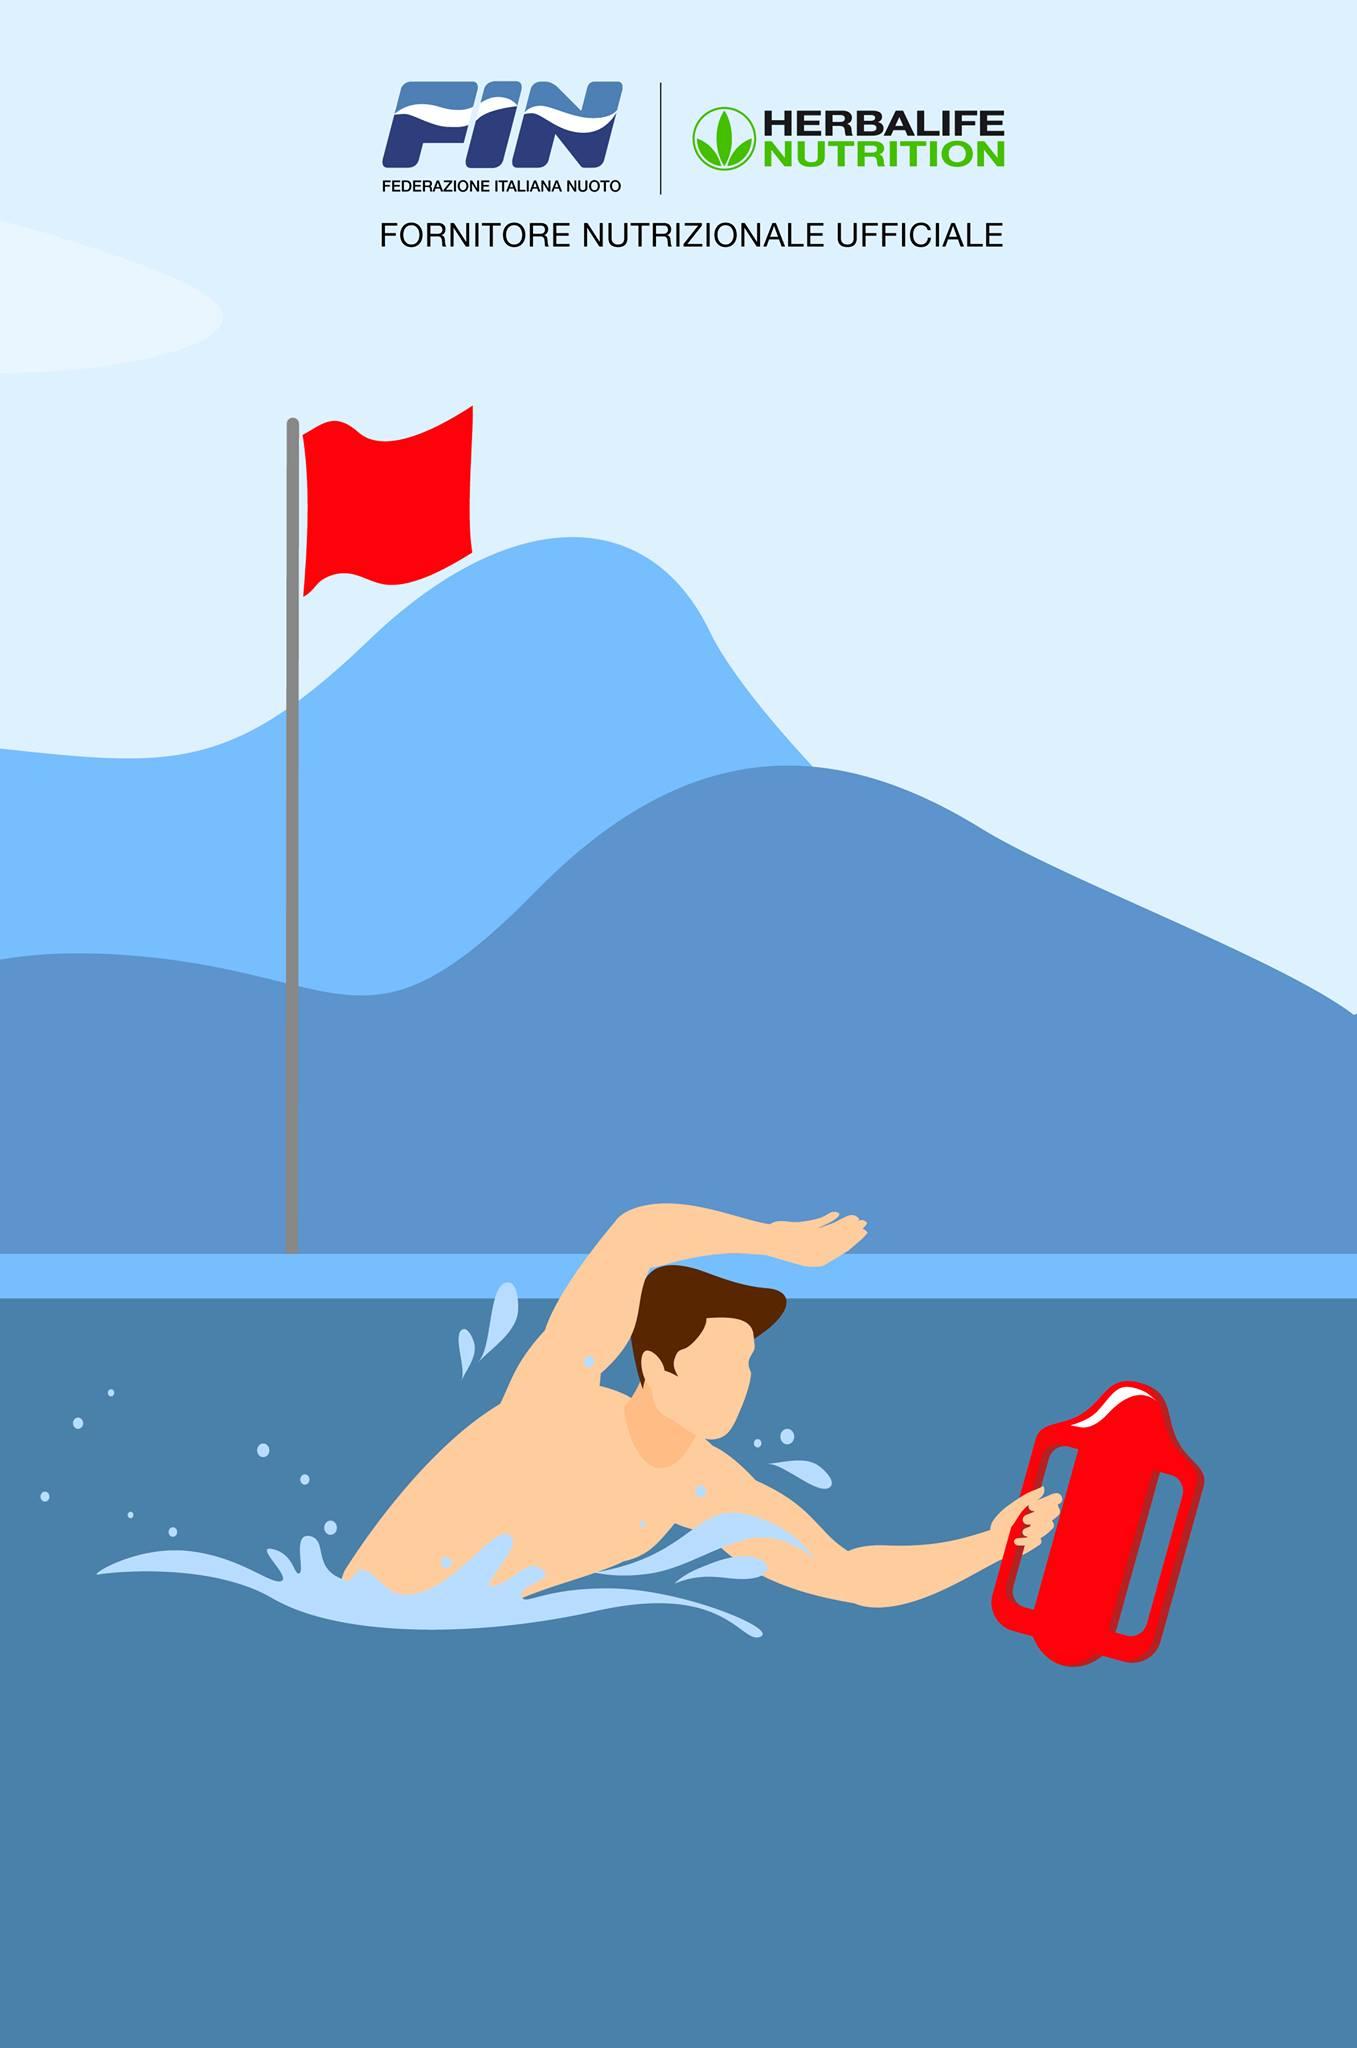 Sicurezza in Acqua & Federazione Italiana Nuoto